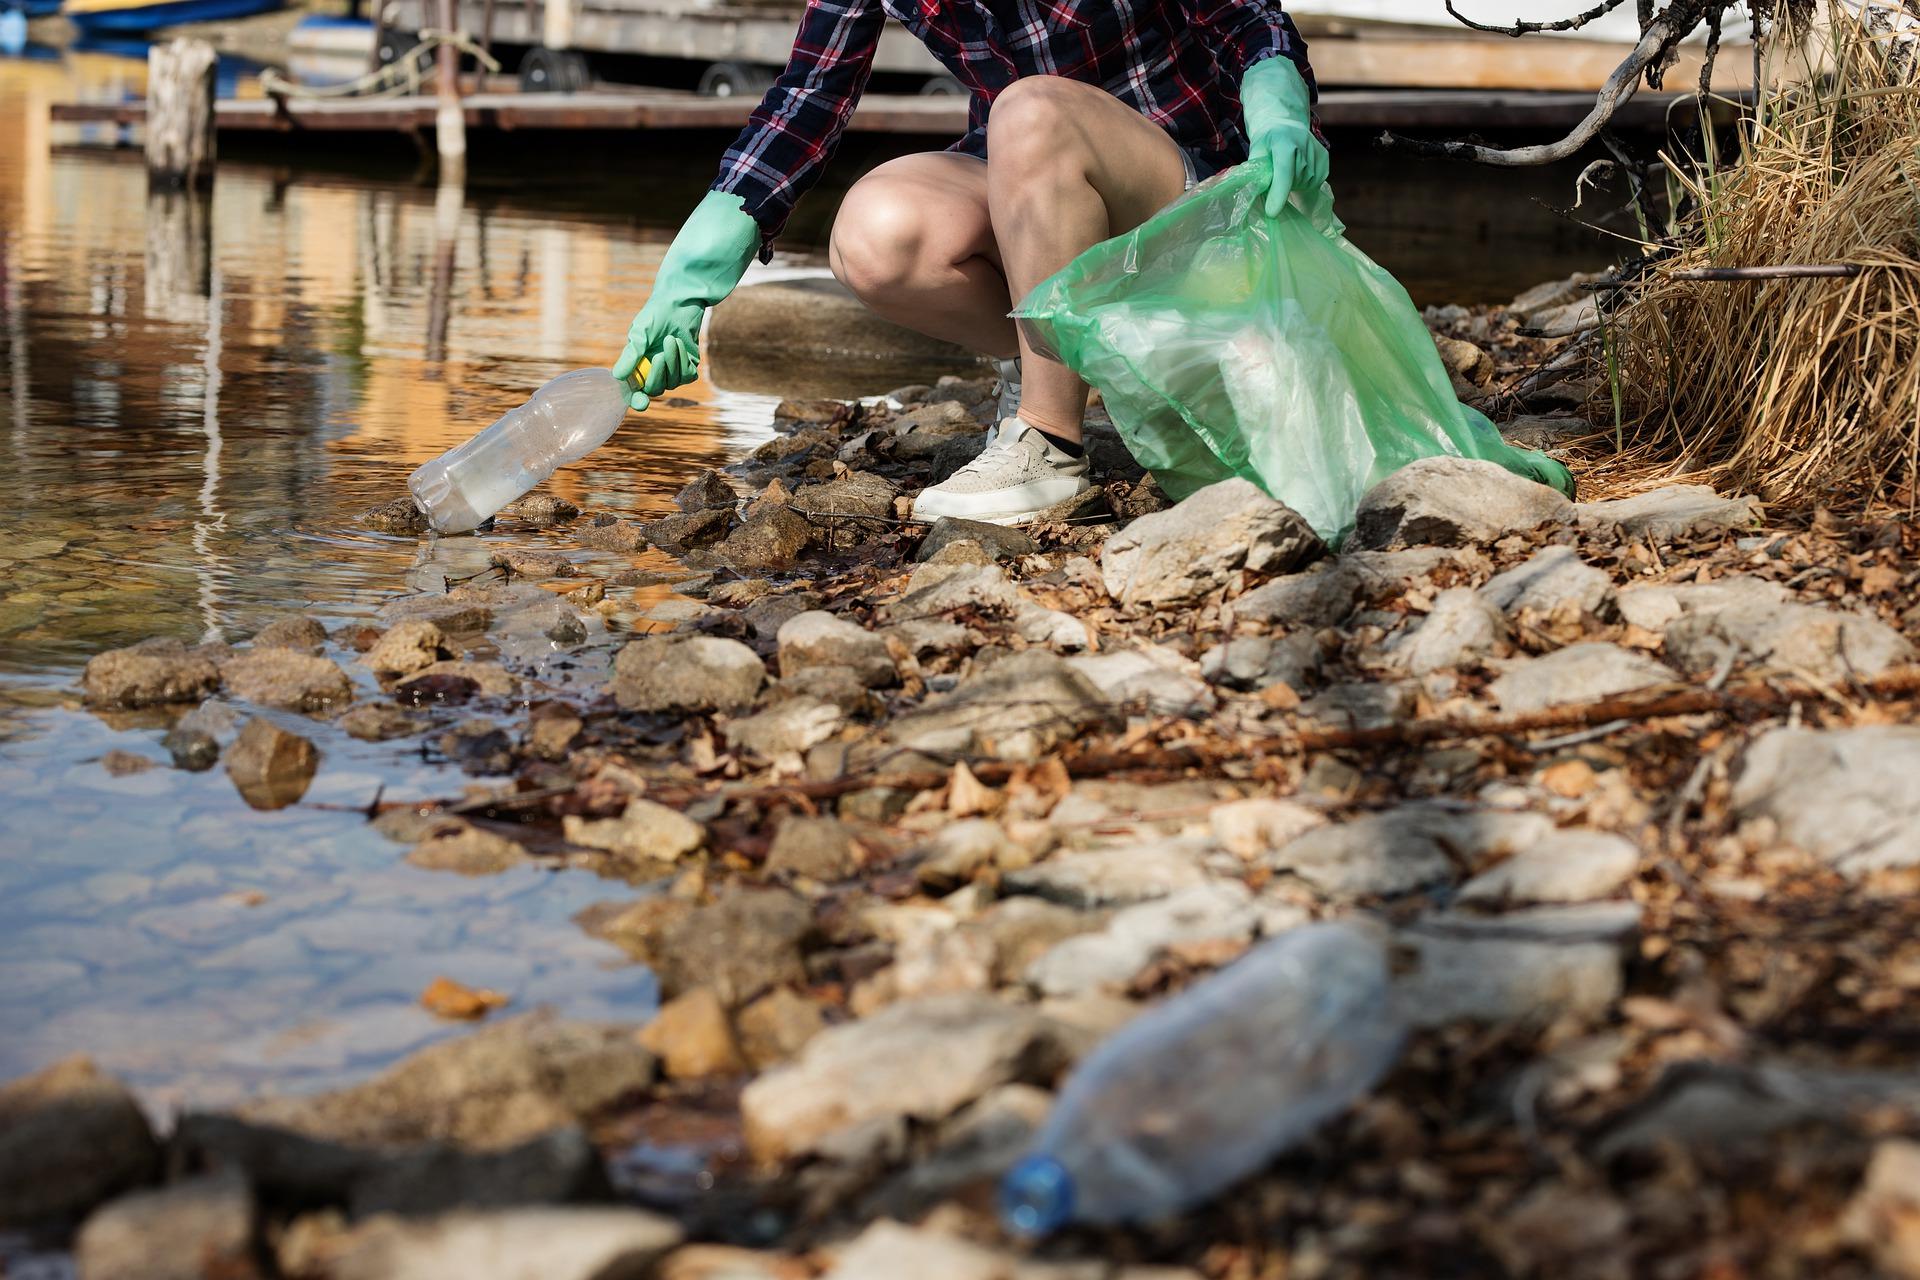 Immagine per L'inquinamento distrugge l'Adriatico, in arrivo 35mila euro per aiutare le coste del Goriziano